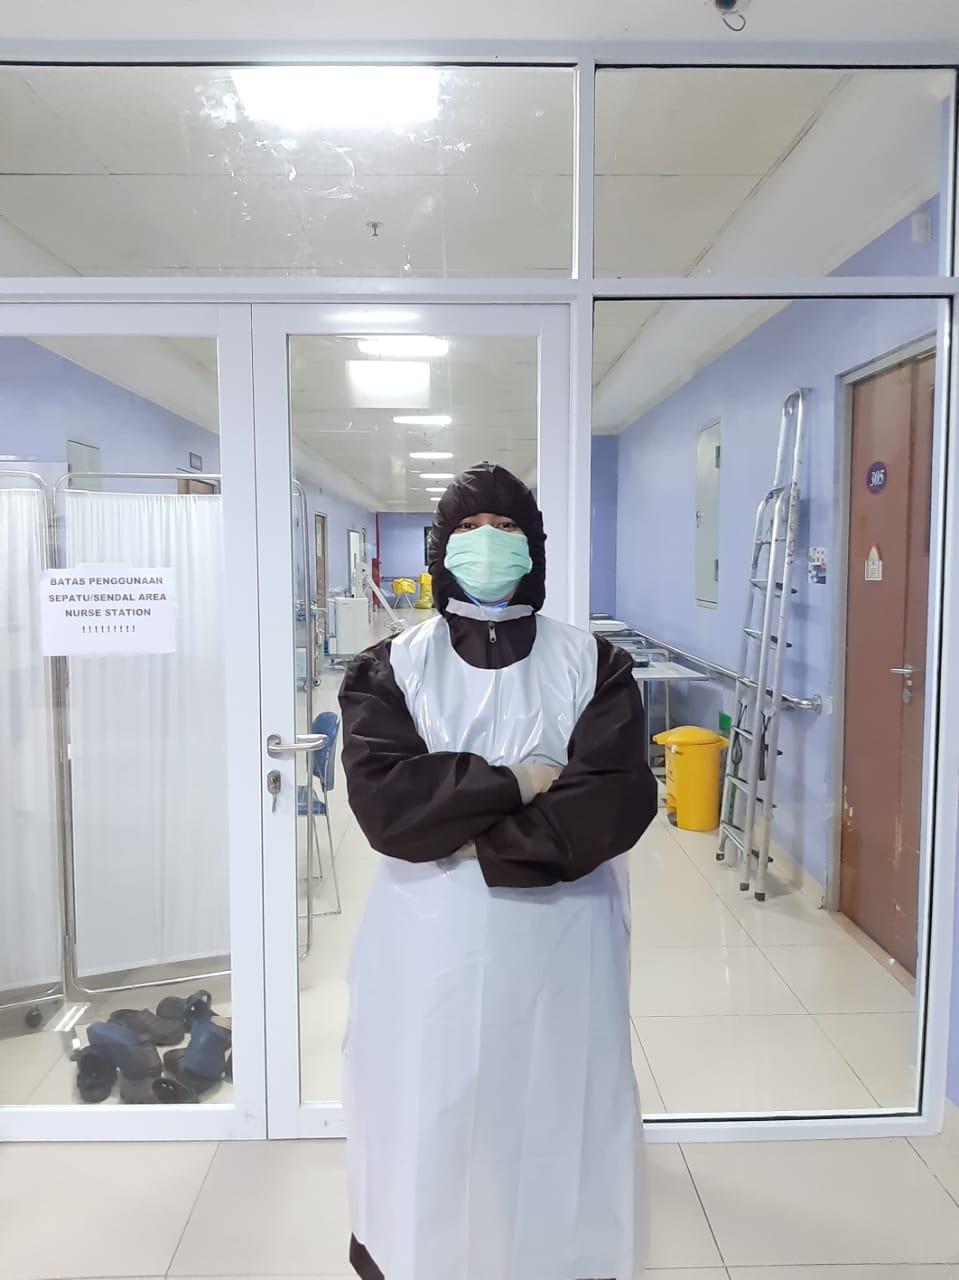 Petugas tenaga kesehatan (nakes) RSUD Kota Tangerang yang merawat pasien COVID-19.